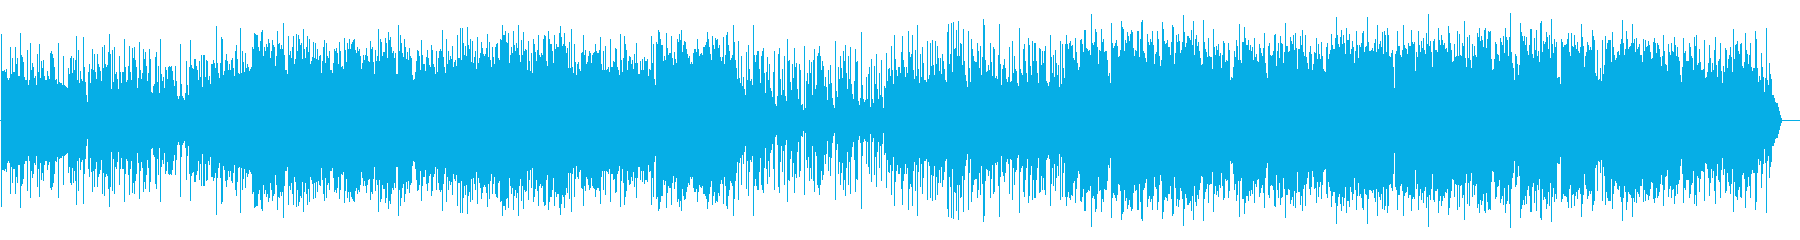 トランペットがメインのシネマ風ジャズの再生済みの波形